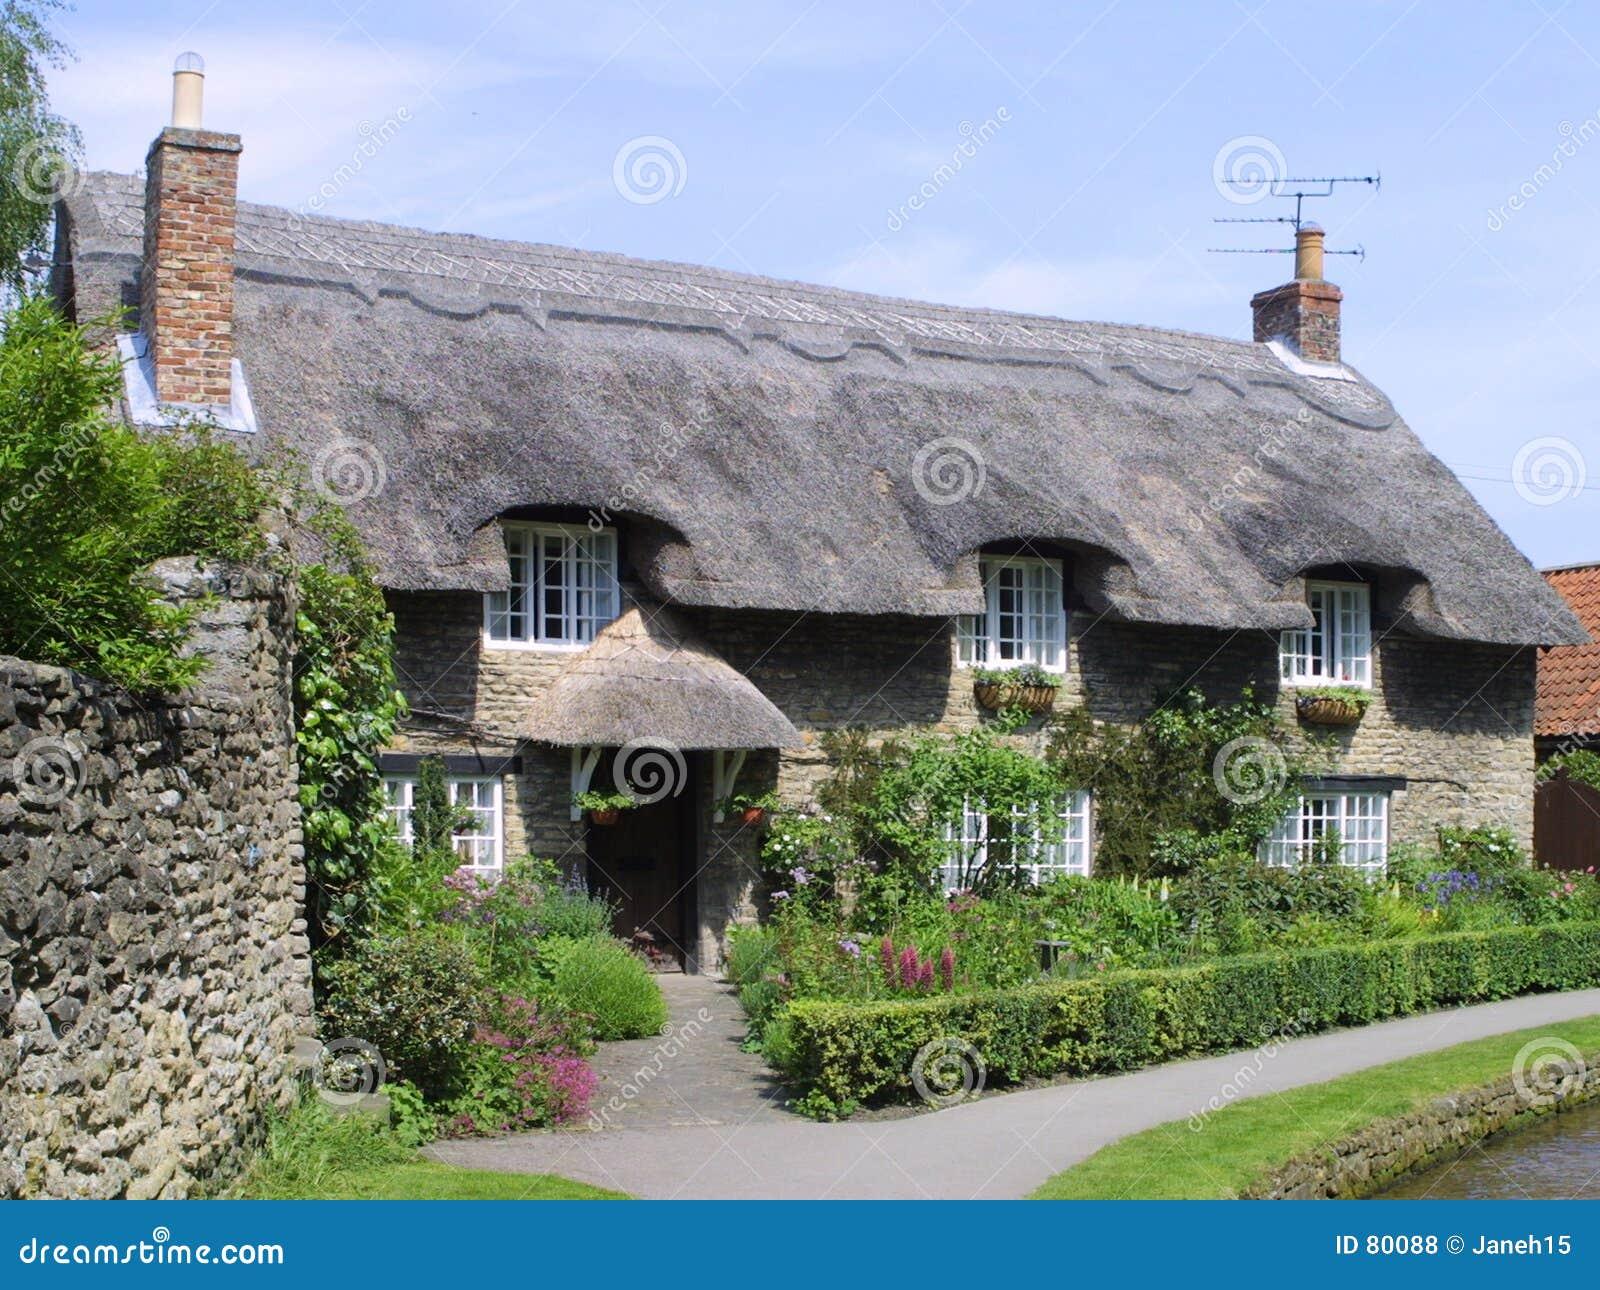 Anglicy powlekane strzechą chata